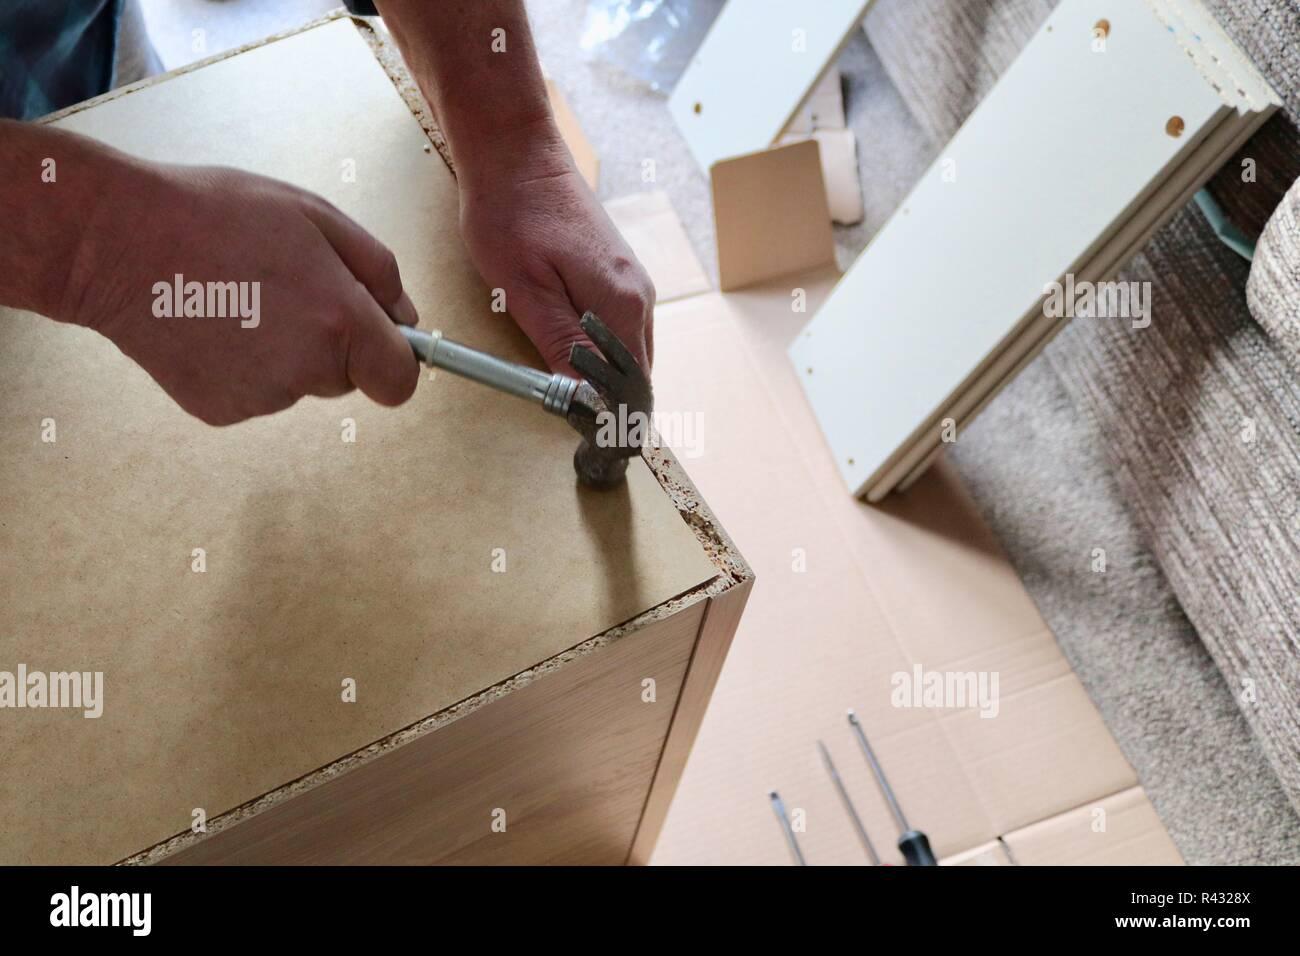 Diy Flat Pack Möbel Projekt Im Hause Hammer Schraube Und Fix